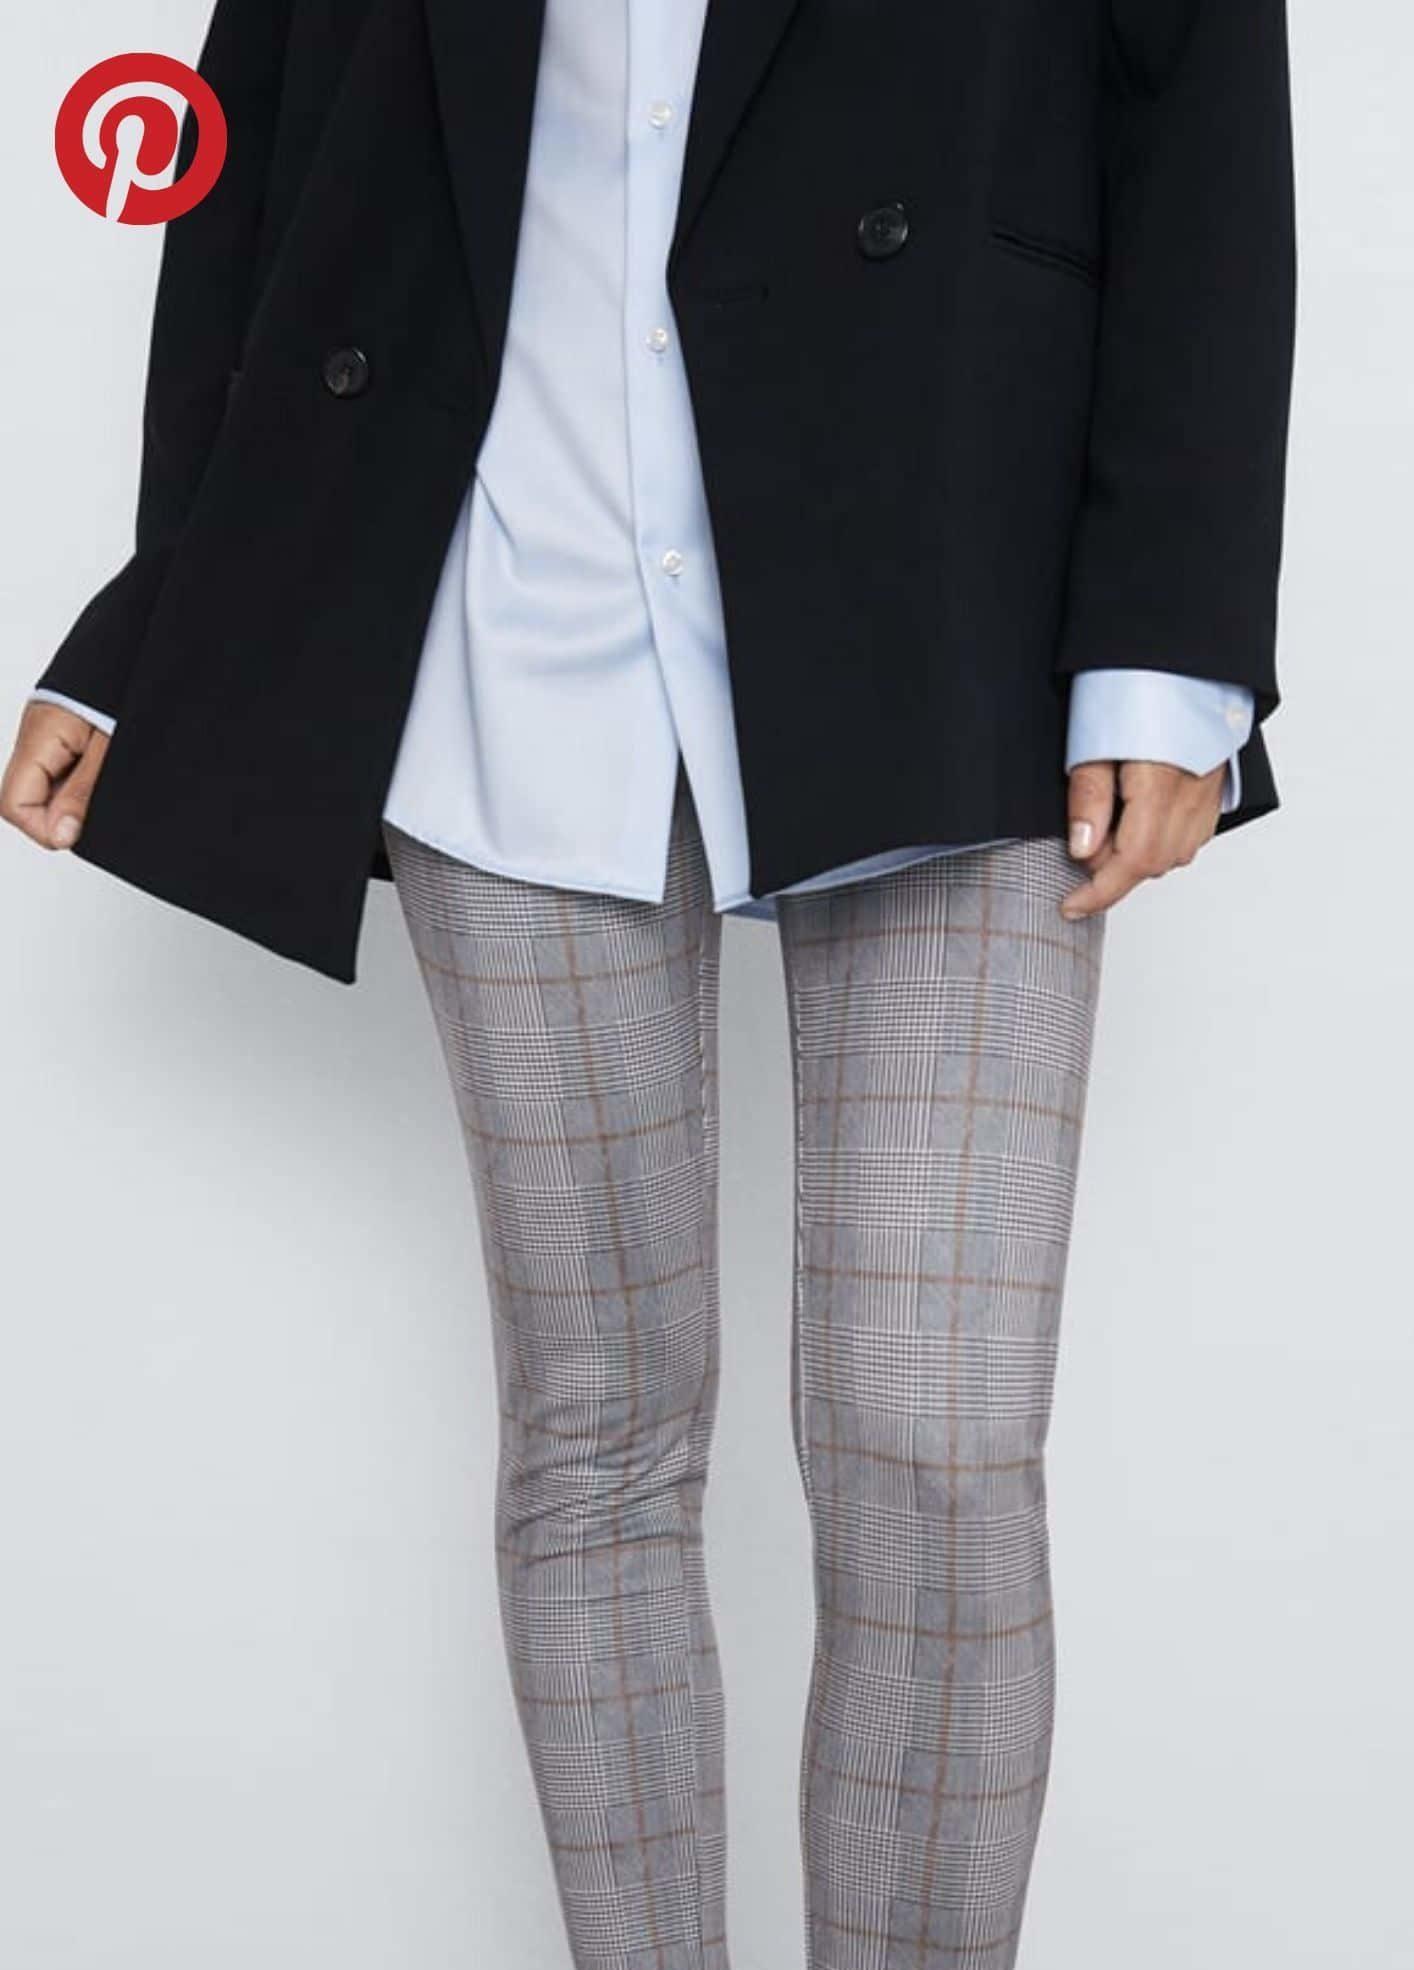 Los leggings, ¡elegancia y comodidad garantizadas!